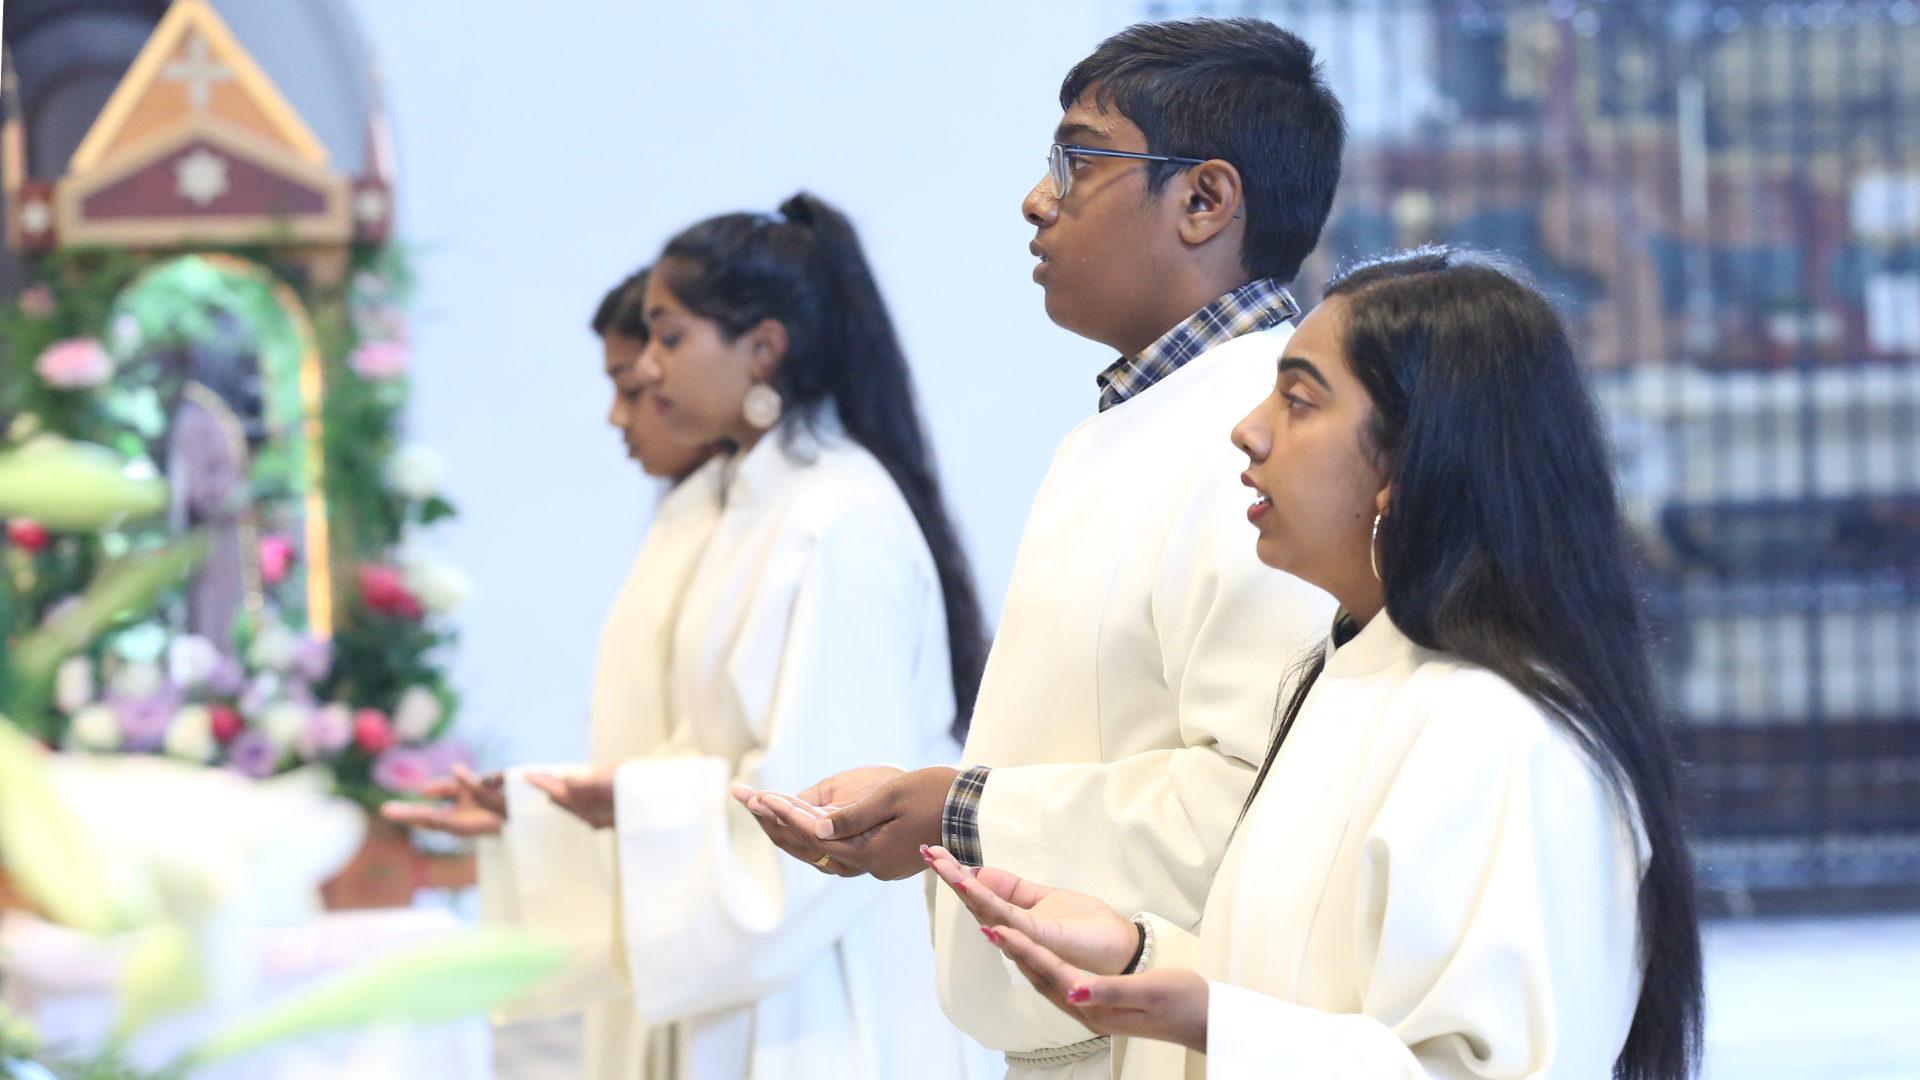 Ministranten im tamilischen Gottesdienst in Einsiedeln  | © Tamilenmission